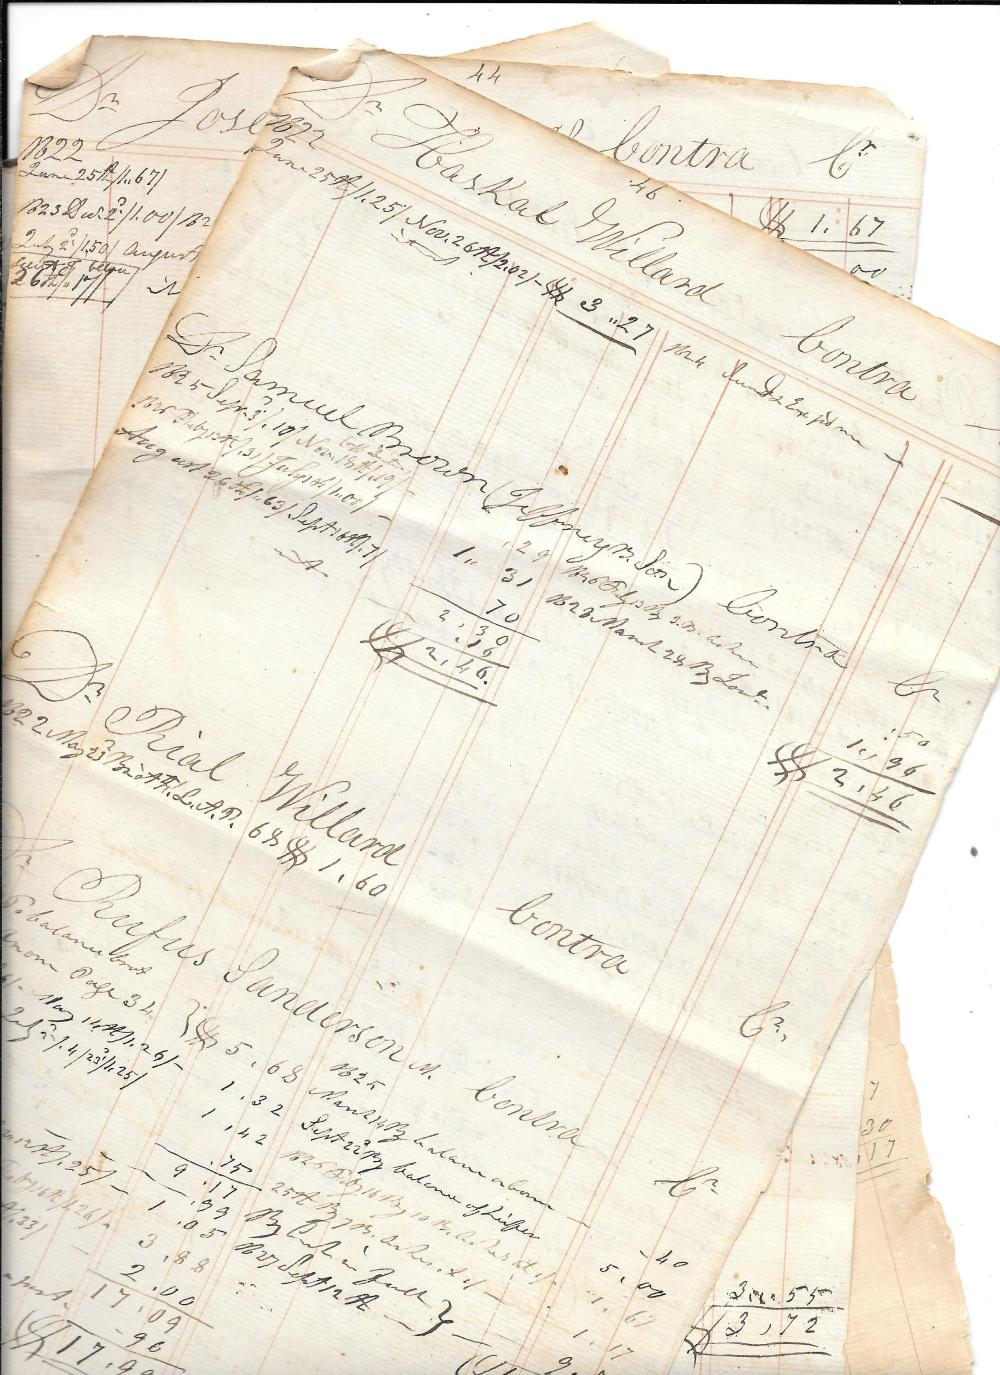 1822 ledger leaves, Military